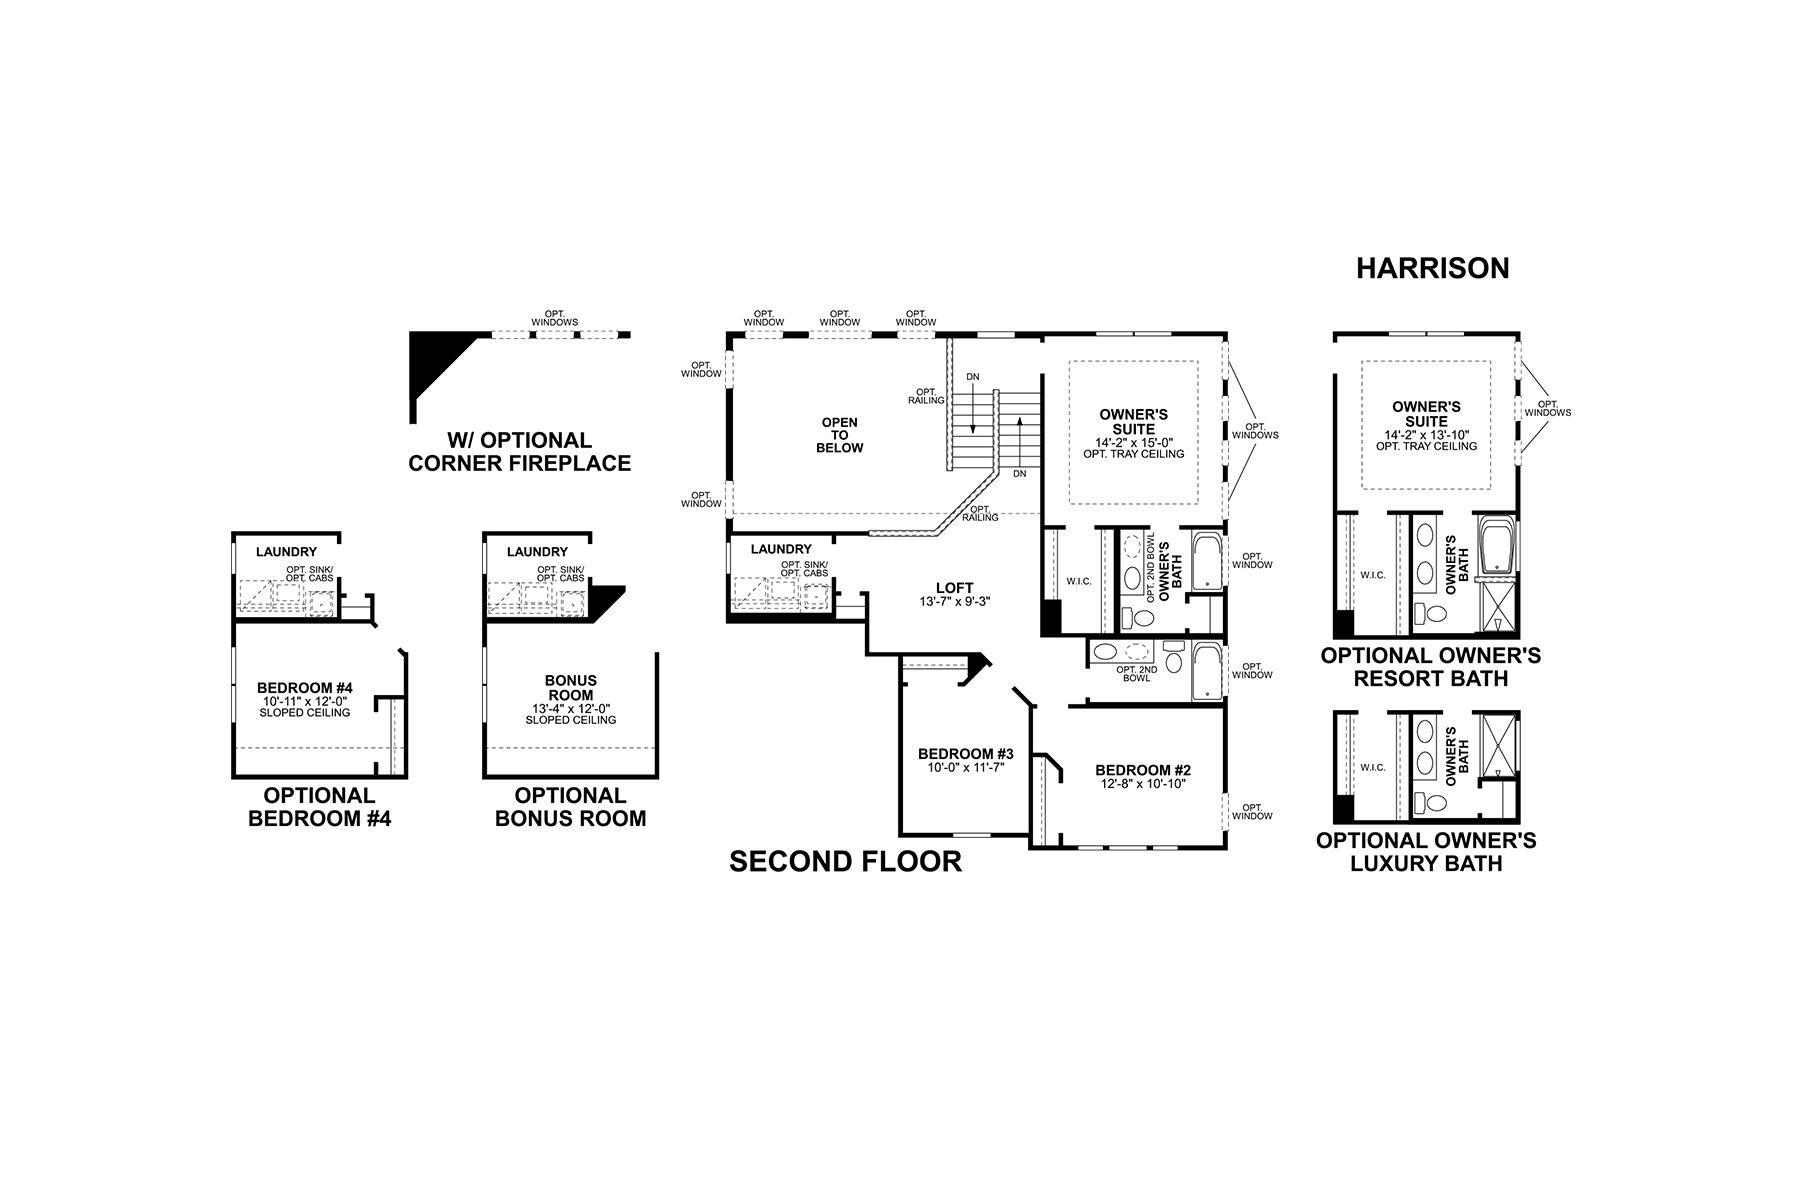 Harison Second Floor